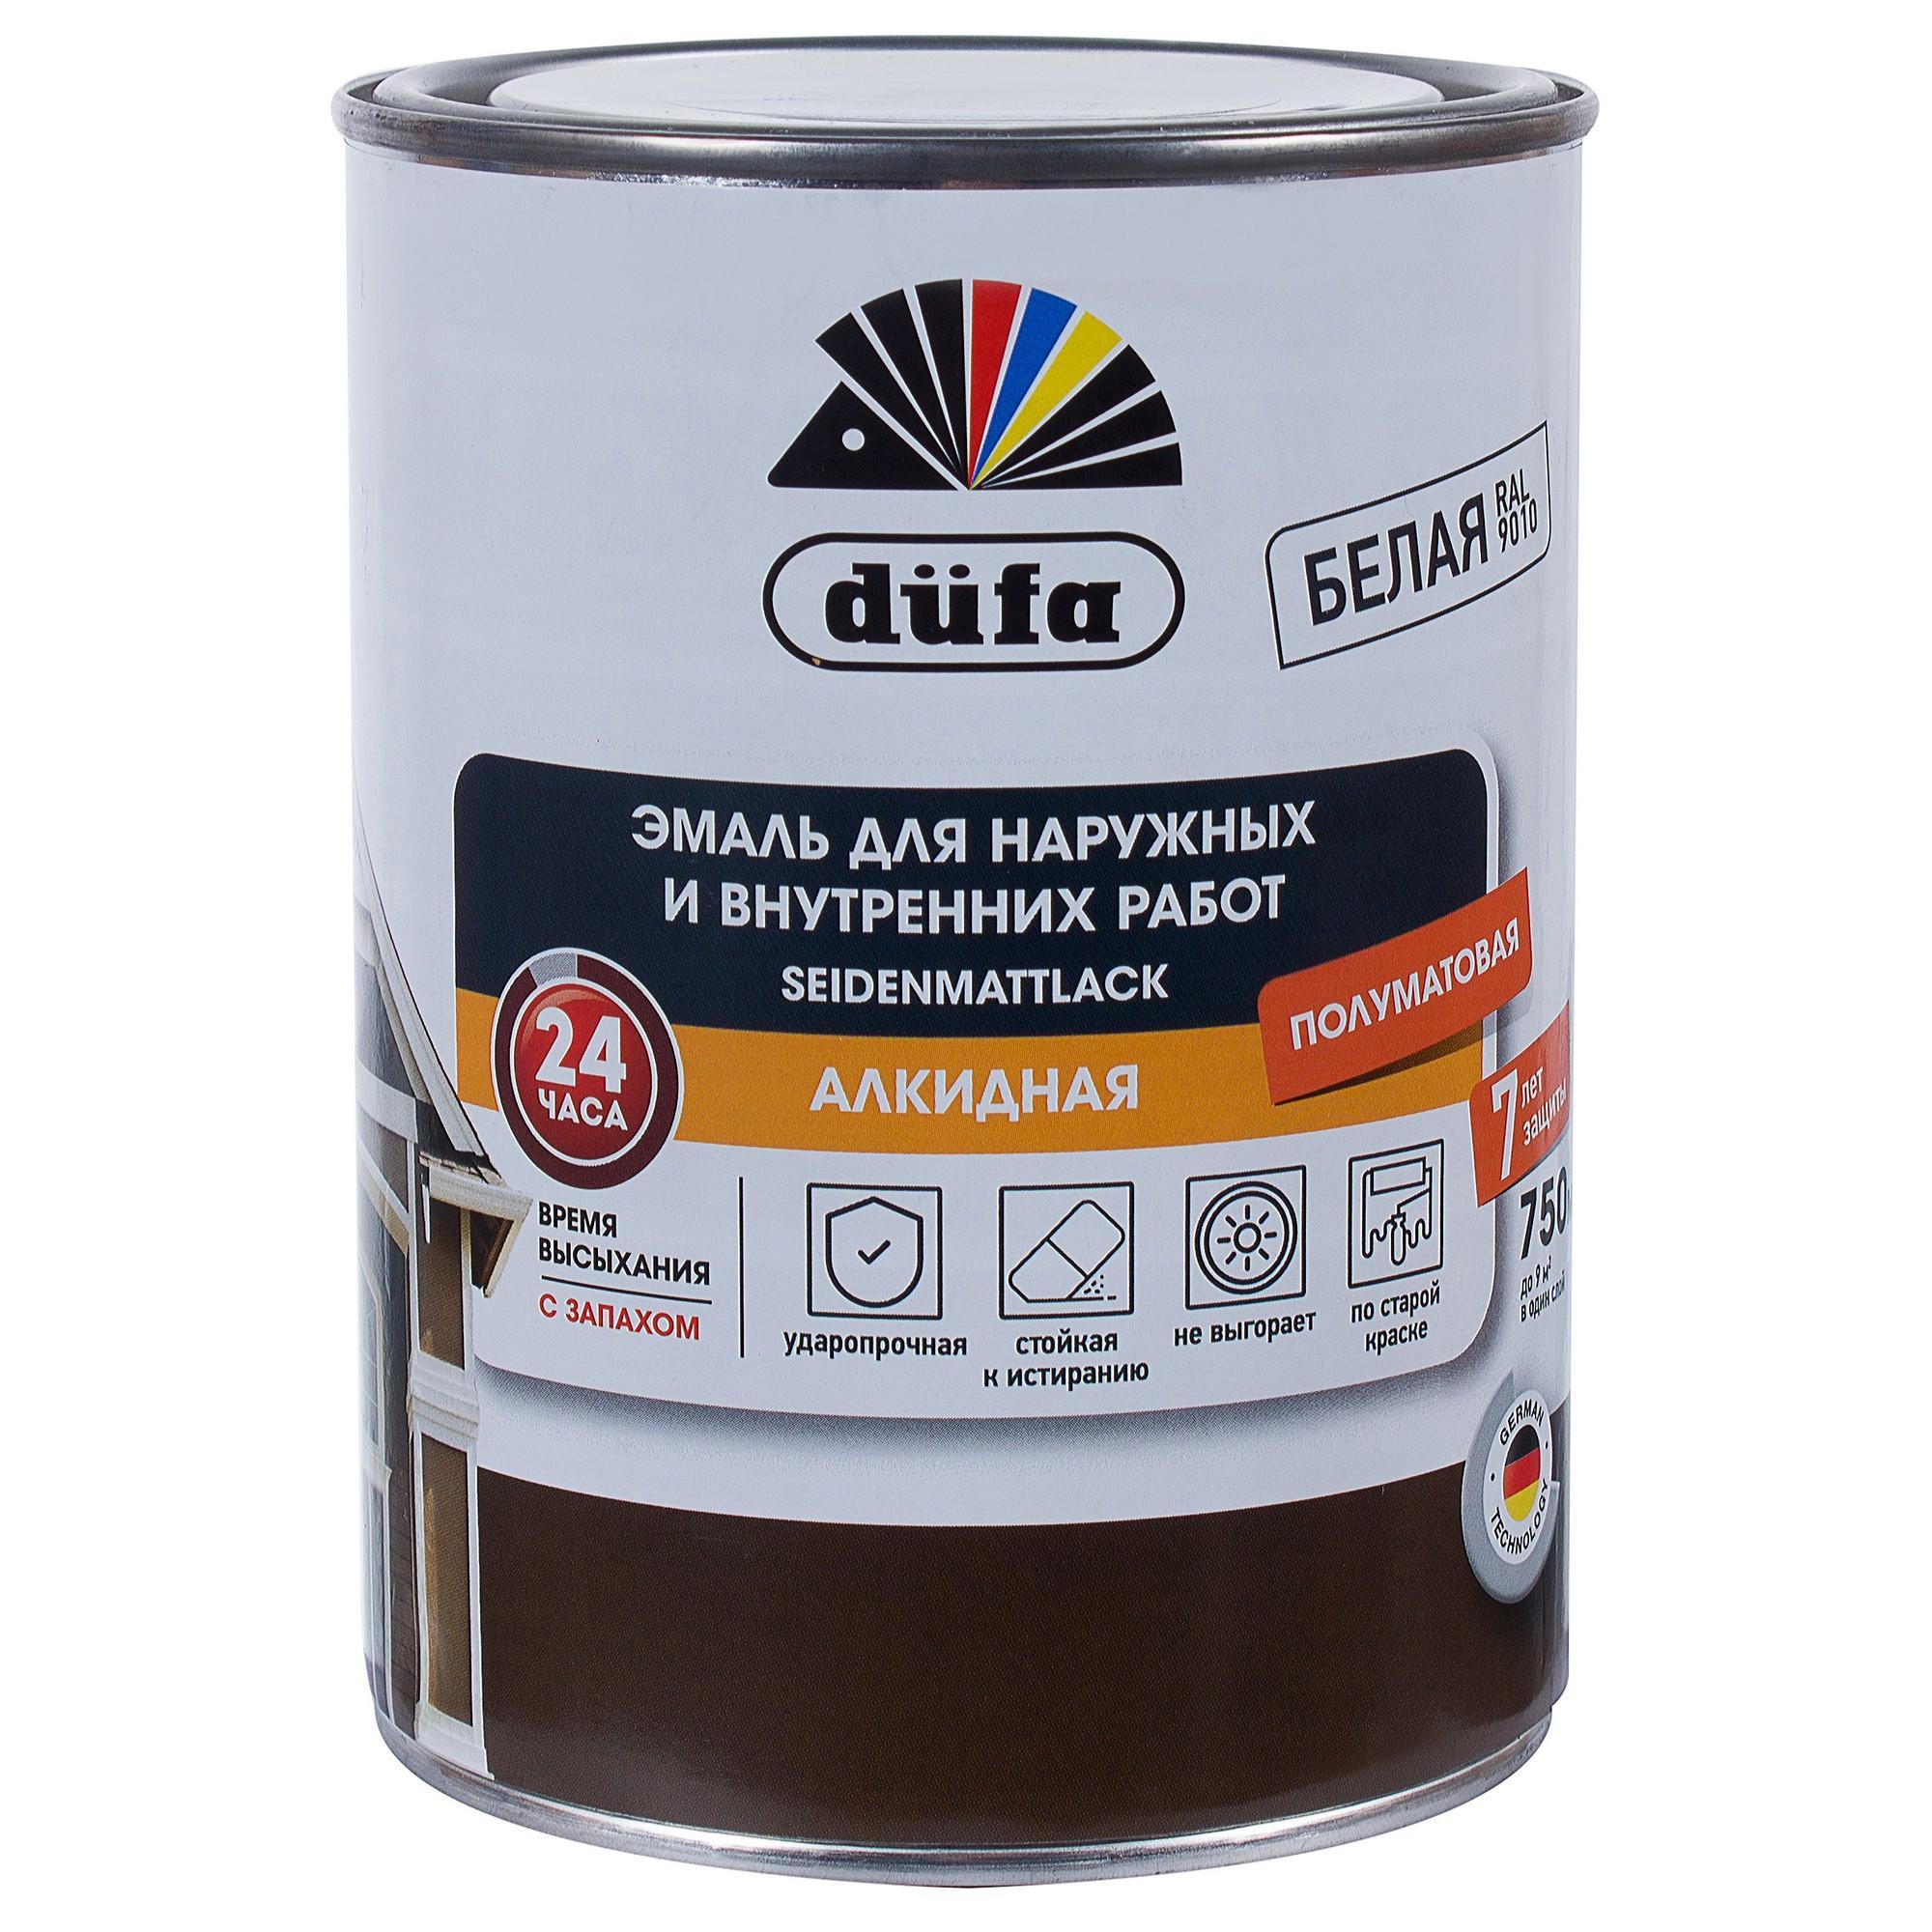 Акрилдік шайыр негізіндегі су қосып сұйылтатын эмаль: Dufa Seidenmattlack эмалі, жартылай күңгірт, ақ түсті, 0,75 л